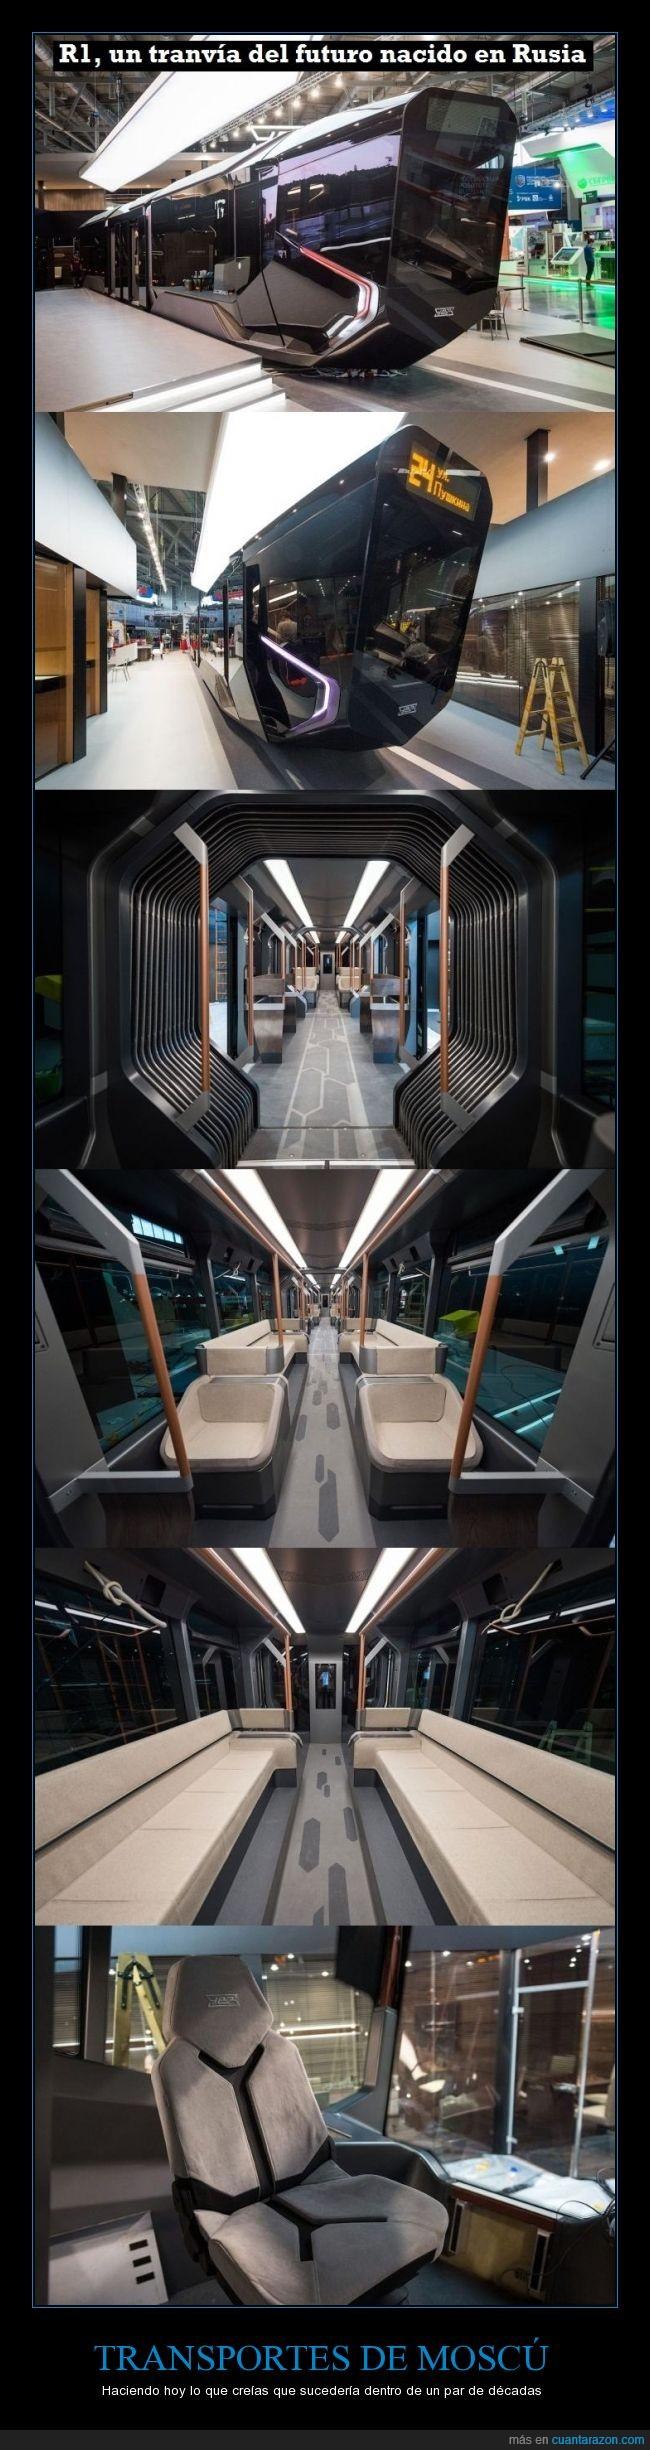 diferente,diseño,etro,futuro,moscu,tranvia,tren,vagon